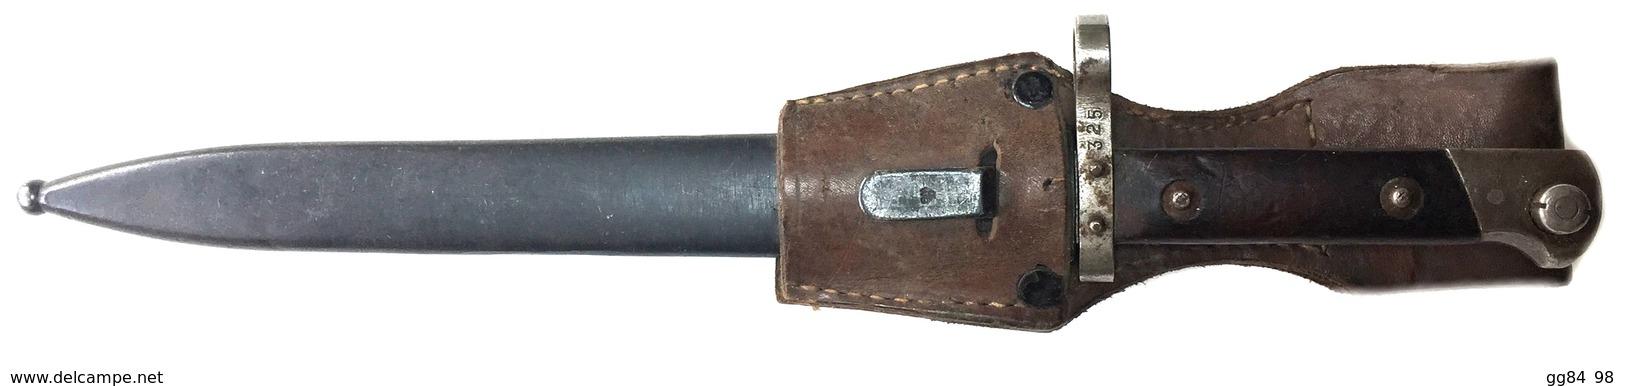 C 03 S -  Baïonnette Modèle 1895 Standard Fabrication WW - Armes Blanches